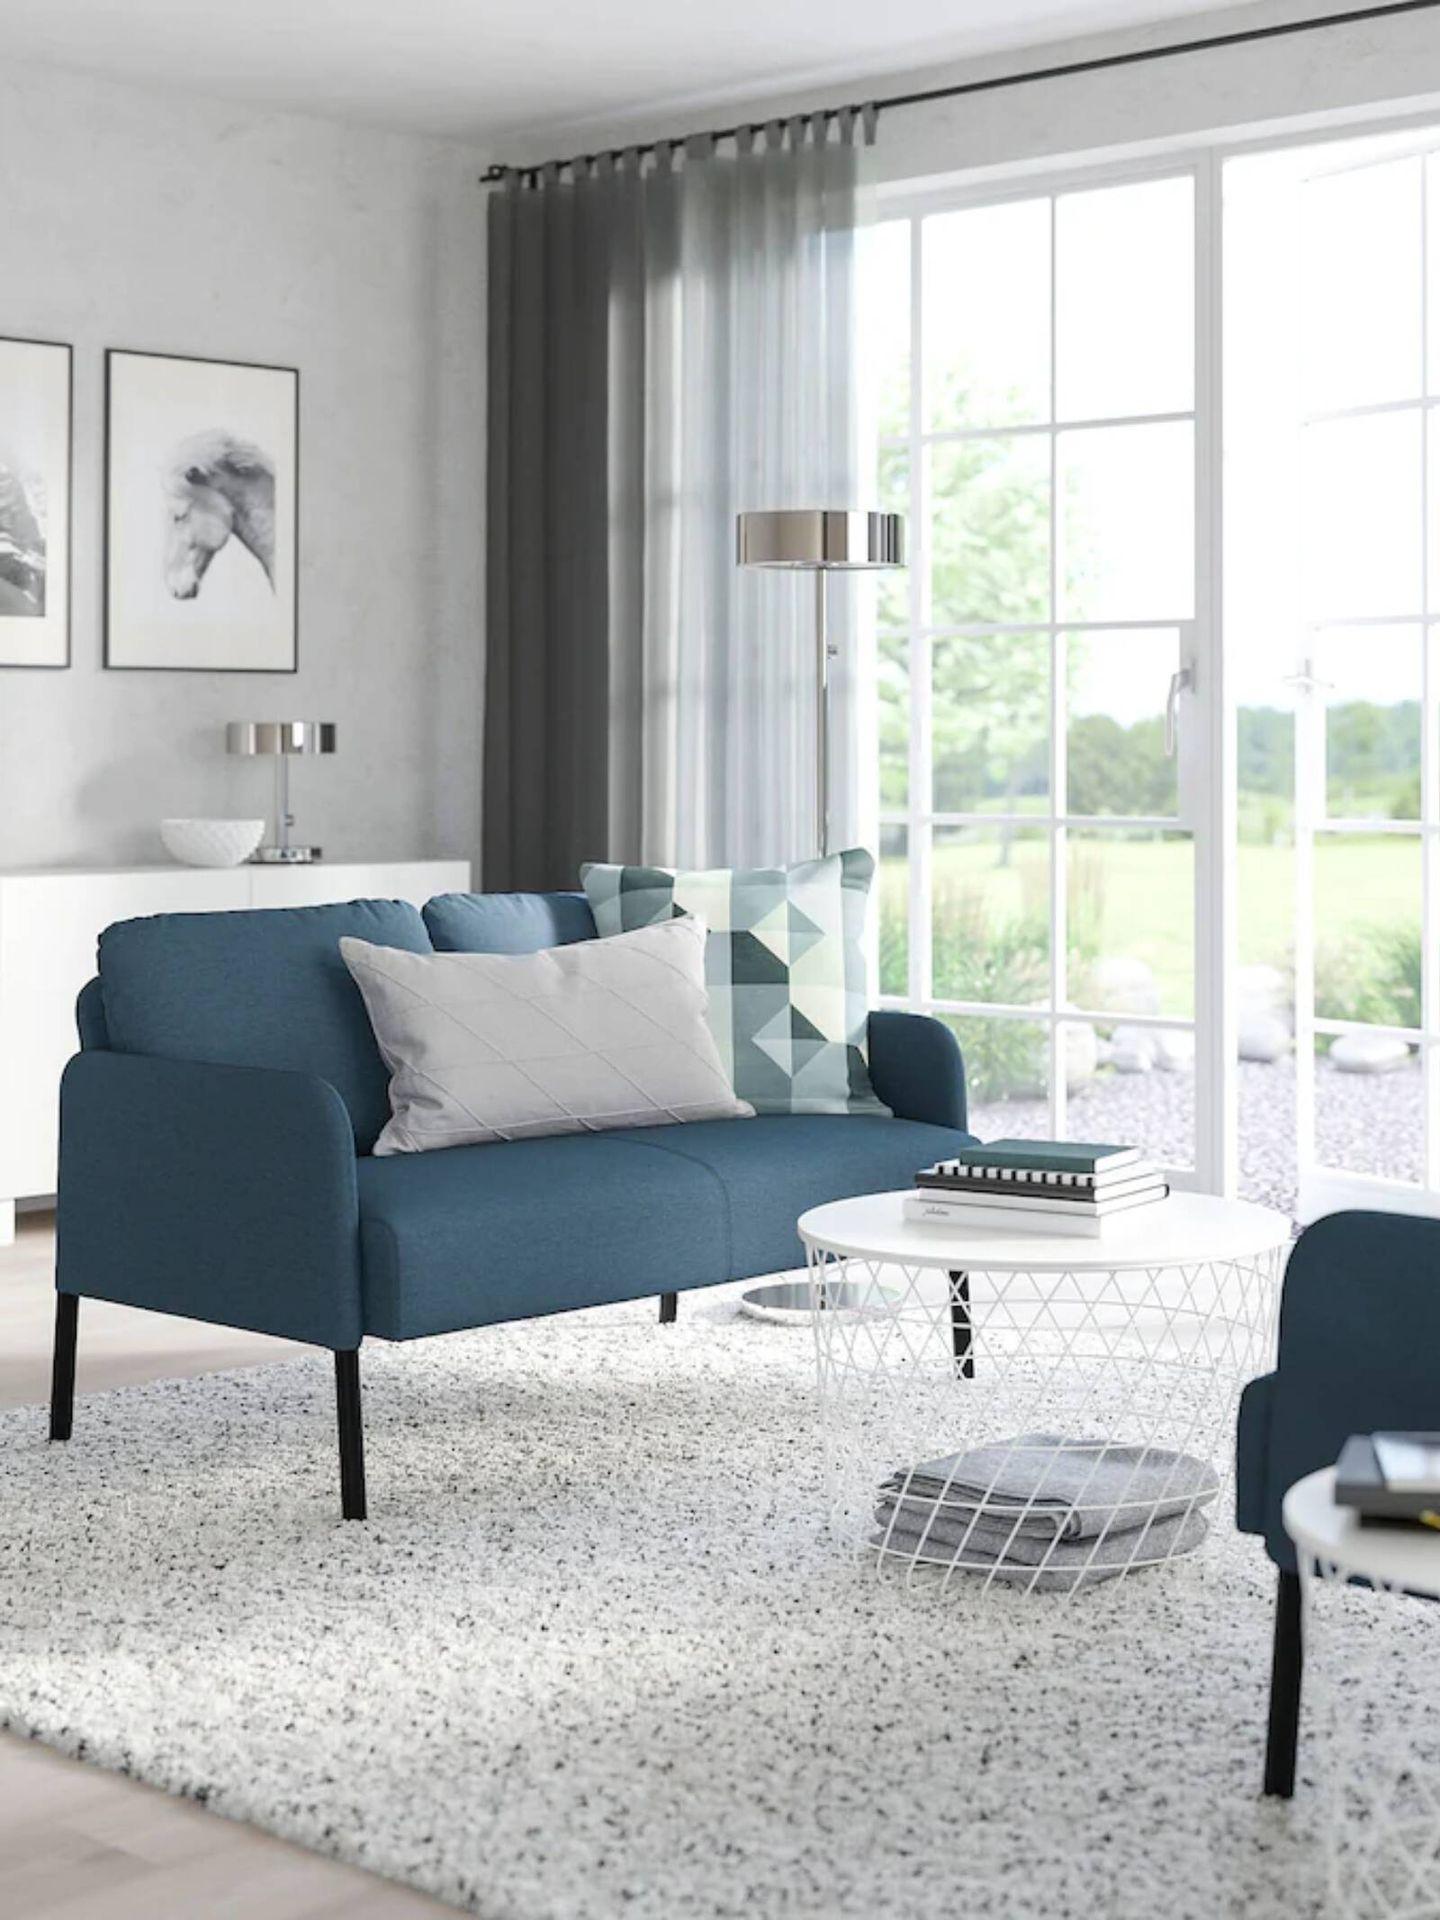 Sofá de Ikea para salones pequeños. (Cortesía)